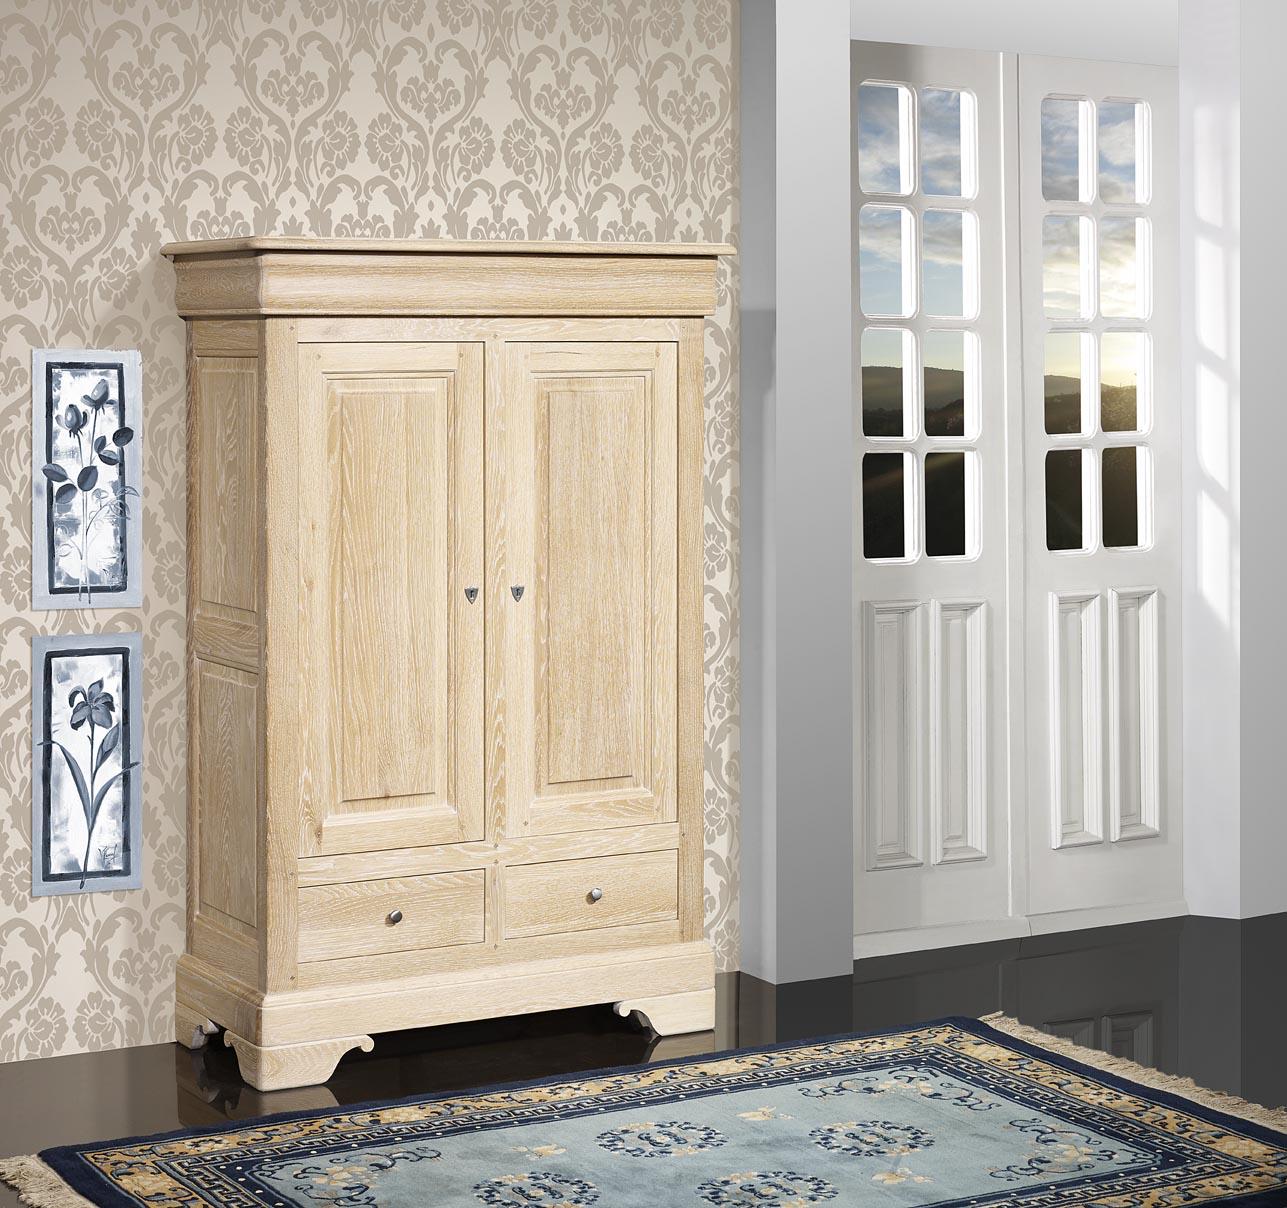 Bassette 2 portes 3 tiroirs  en Chêne Massif de style Louis Philippe Finition Chêne Brossé